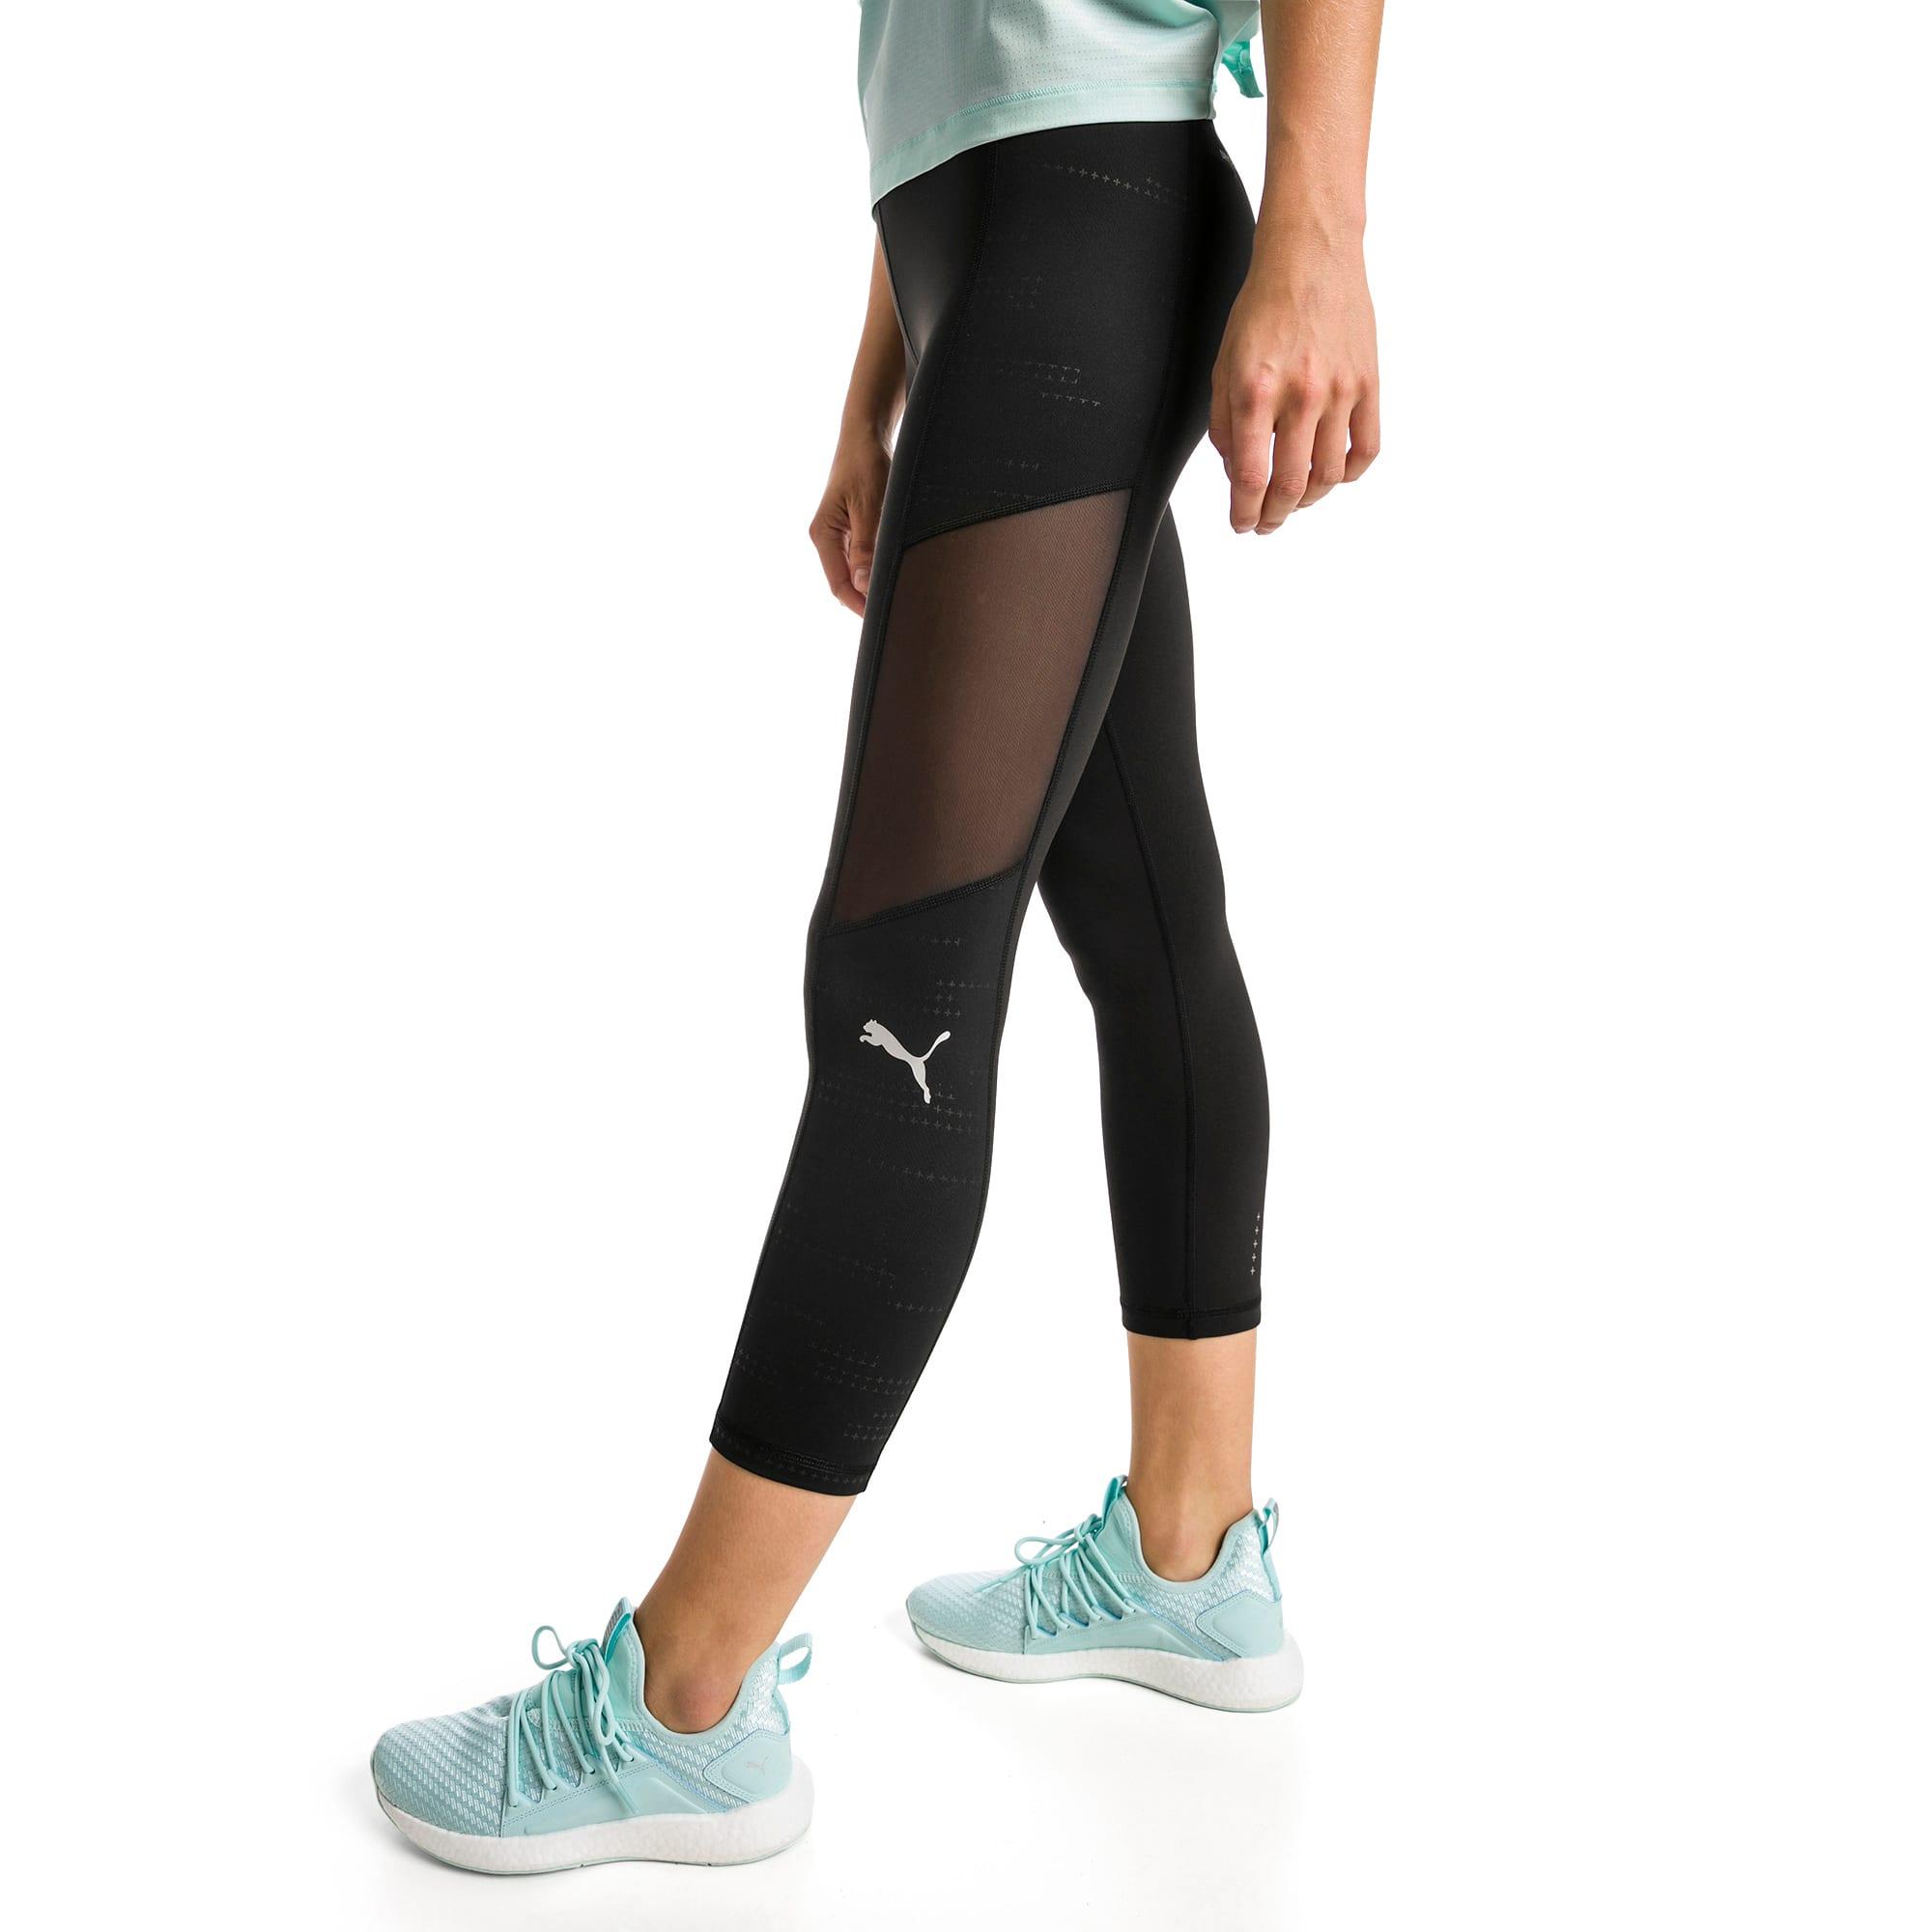 PUMA Damen Hose Ignite 34 Tight W: : Bekleidung